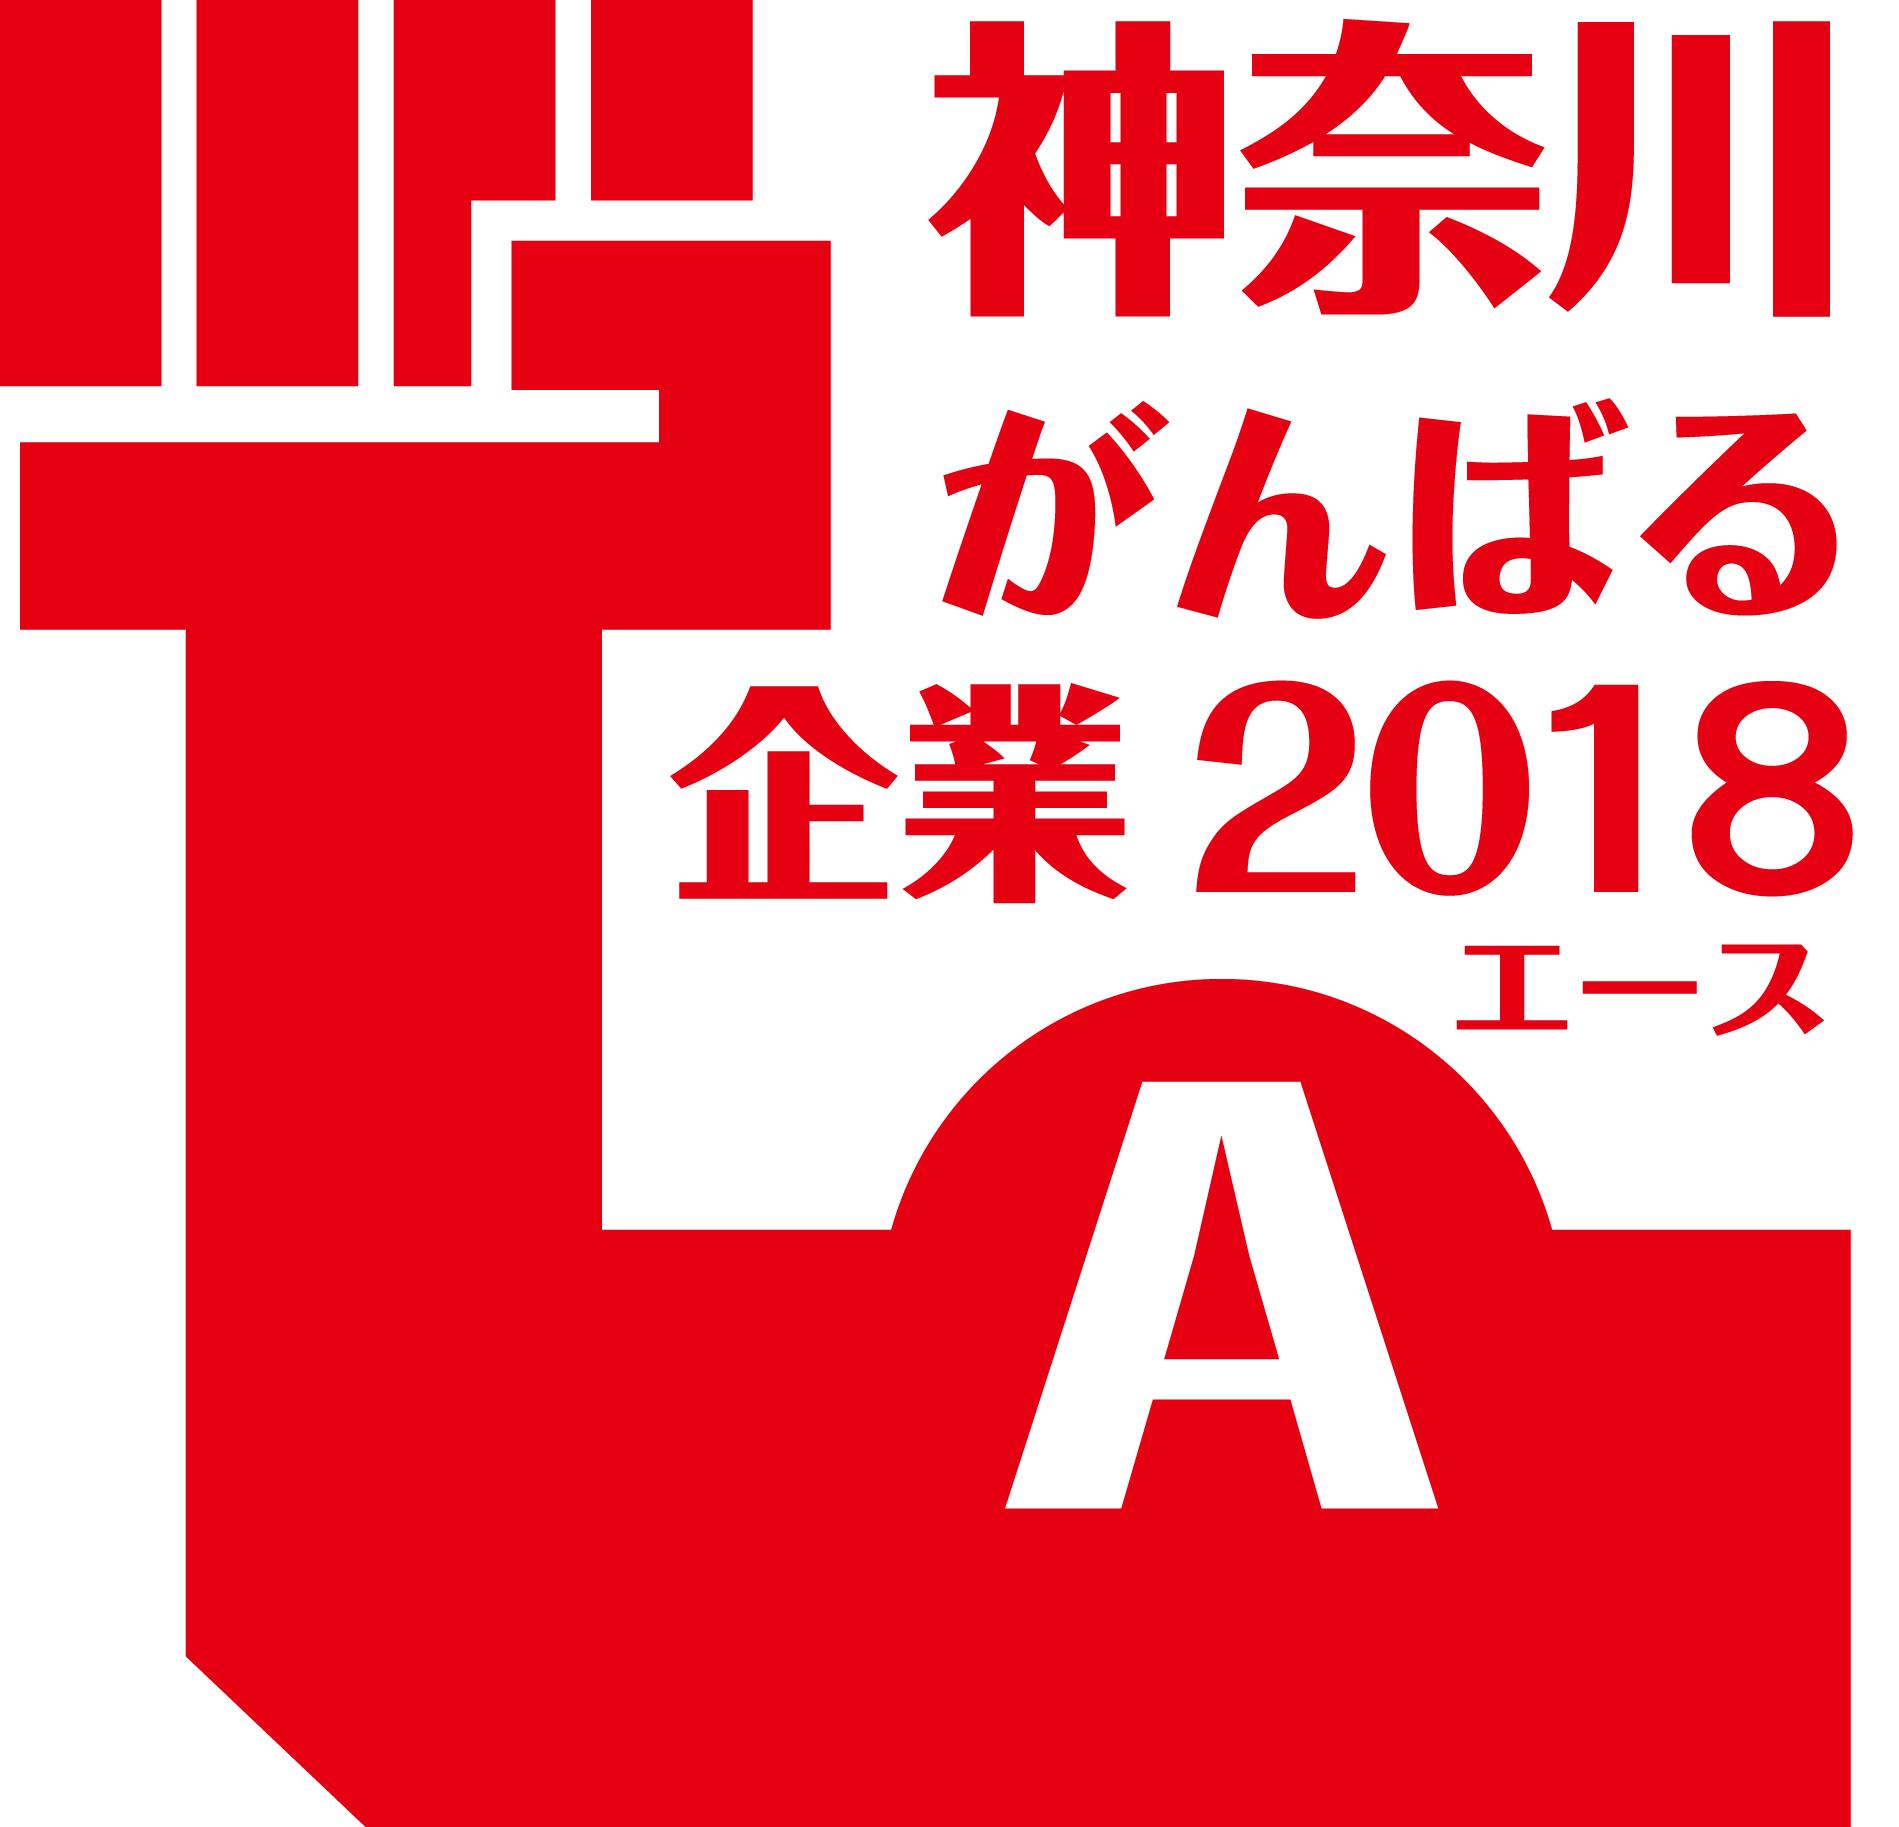 神奈川がんばる企業2018 エース (神奈川県)に認定されました。